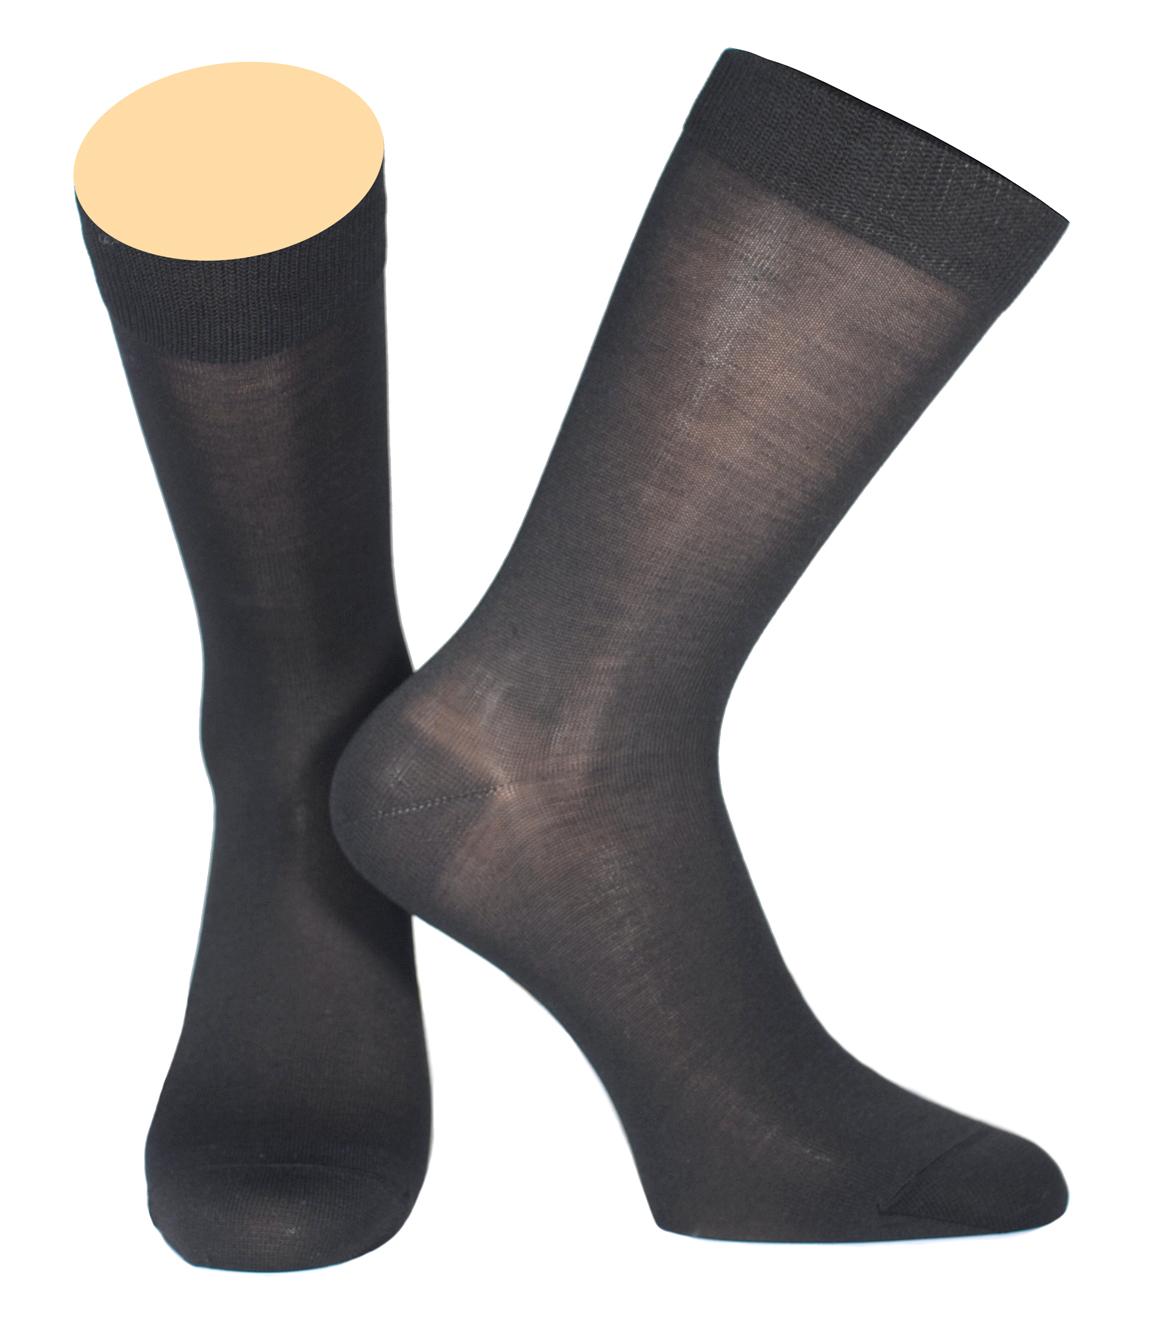 Носки мужские Collonil, цвет: темно-серый. 141/32. Размер 44-46141/32Мужские носки Collonil изготовлены из мерсеризованного хлопка.Носки с удлиненным паголенком. Широкая резинка не сдавливает и комфортно облегает ногу.